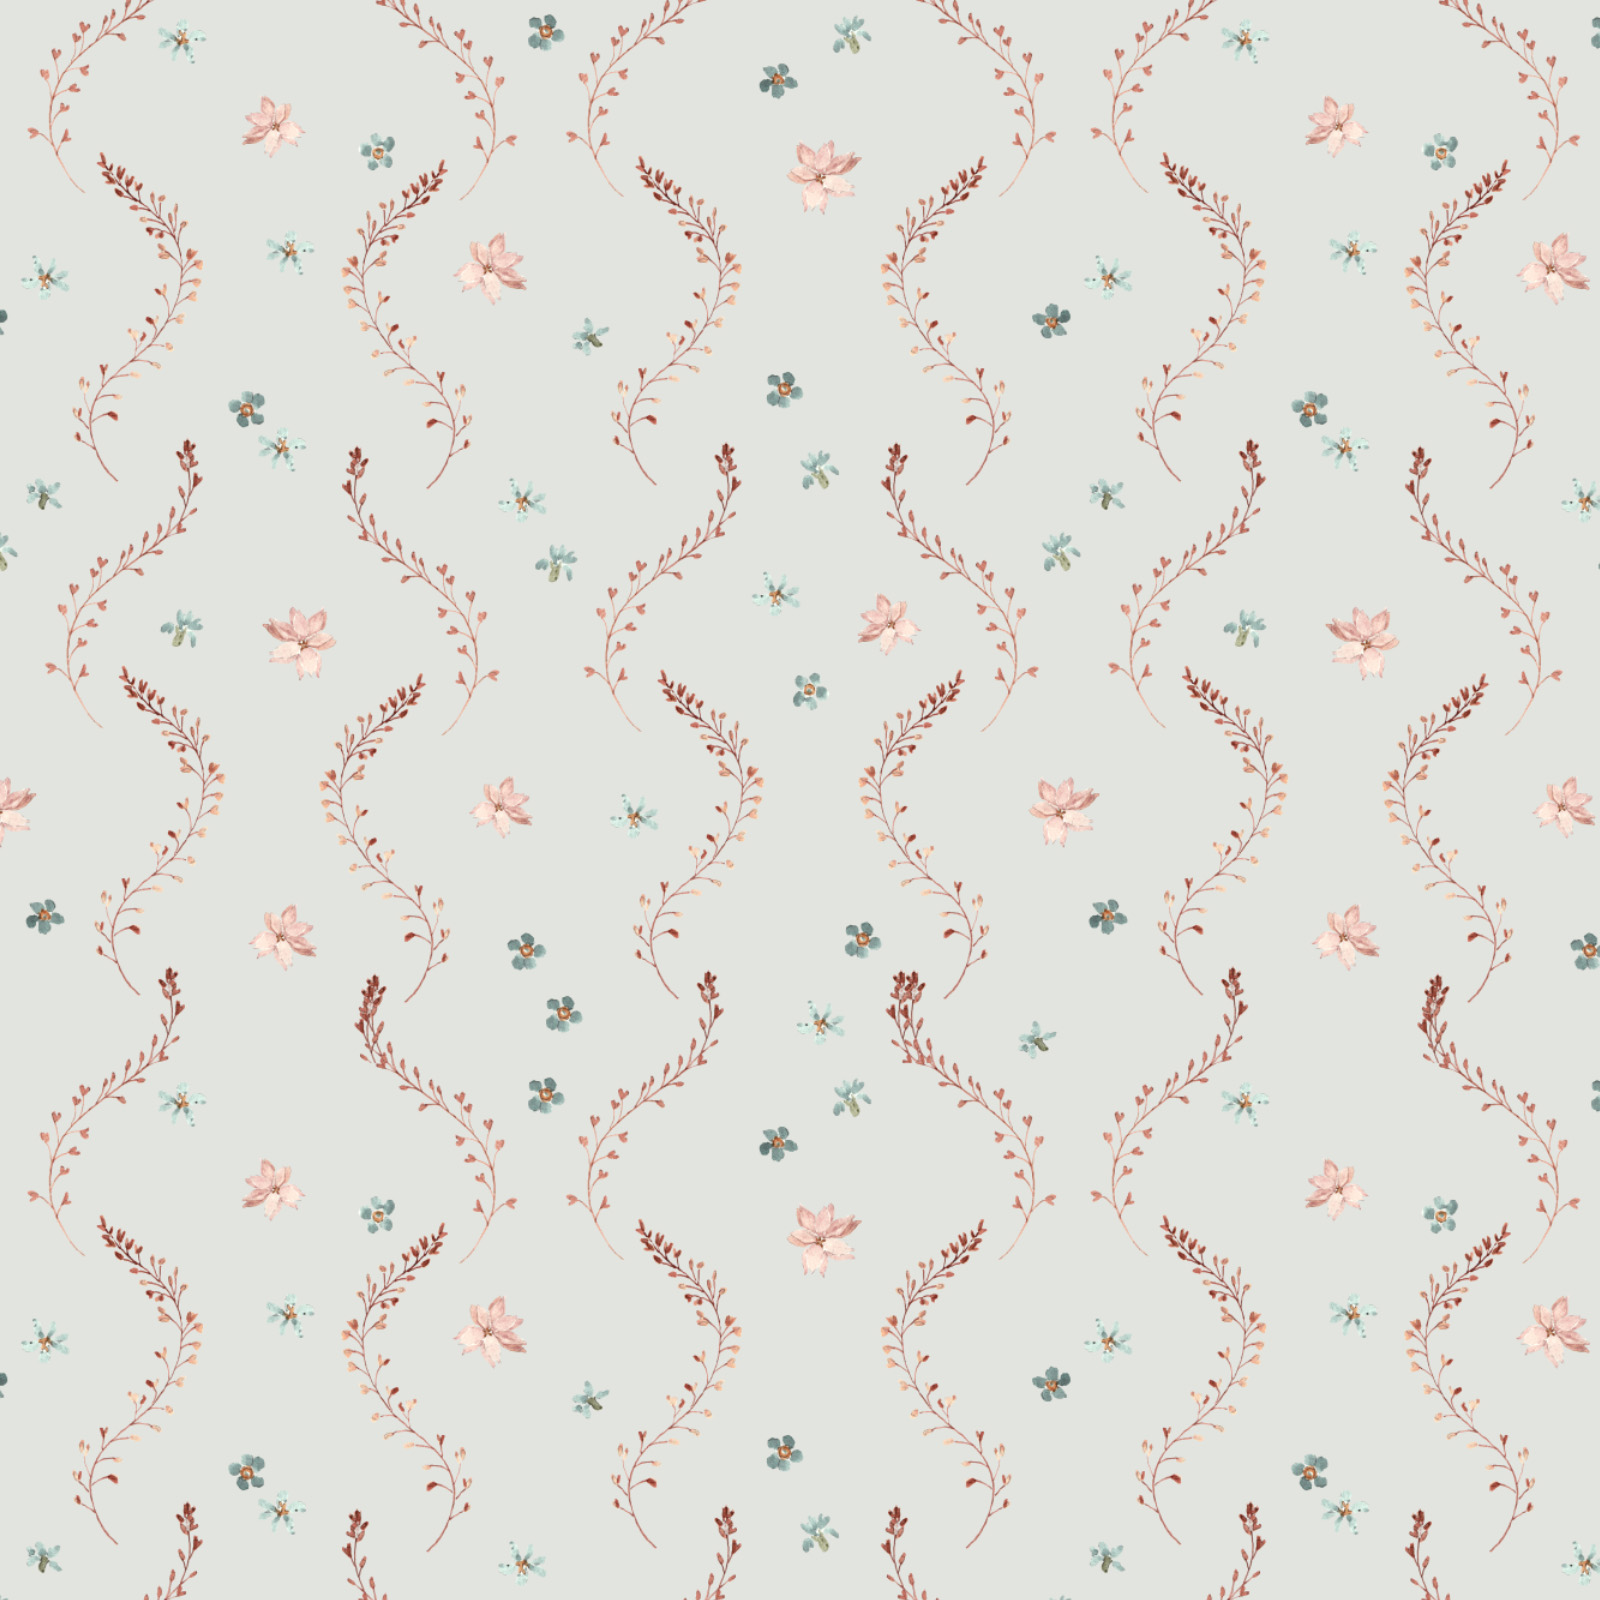 merely susan projekt wzoru na tkaninę w kwiaty polne niezapominajki na licencję ręcznie malowane ilustracje akwarelowe na szarym tle